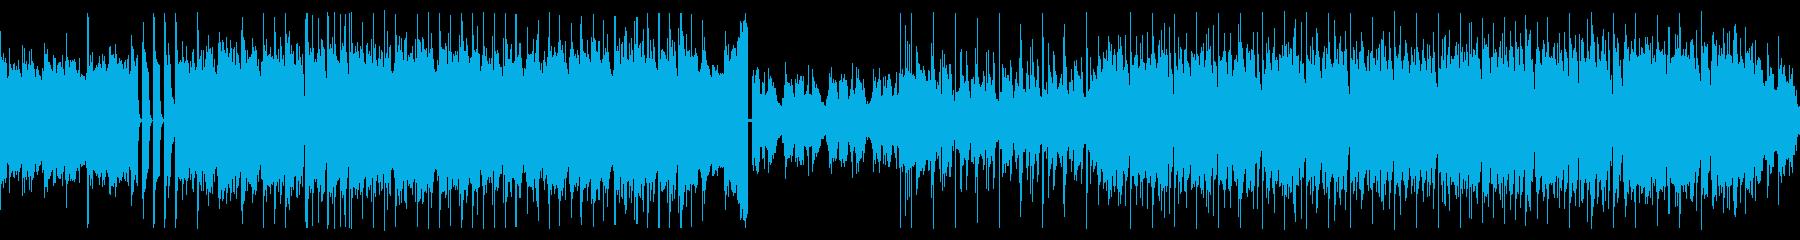 ループ可/アングラ感漂う登場BGMの再生済みの波形